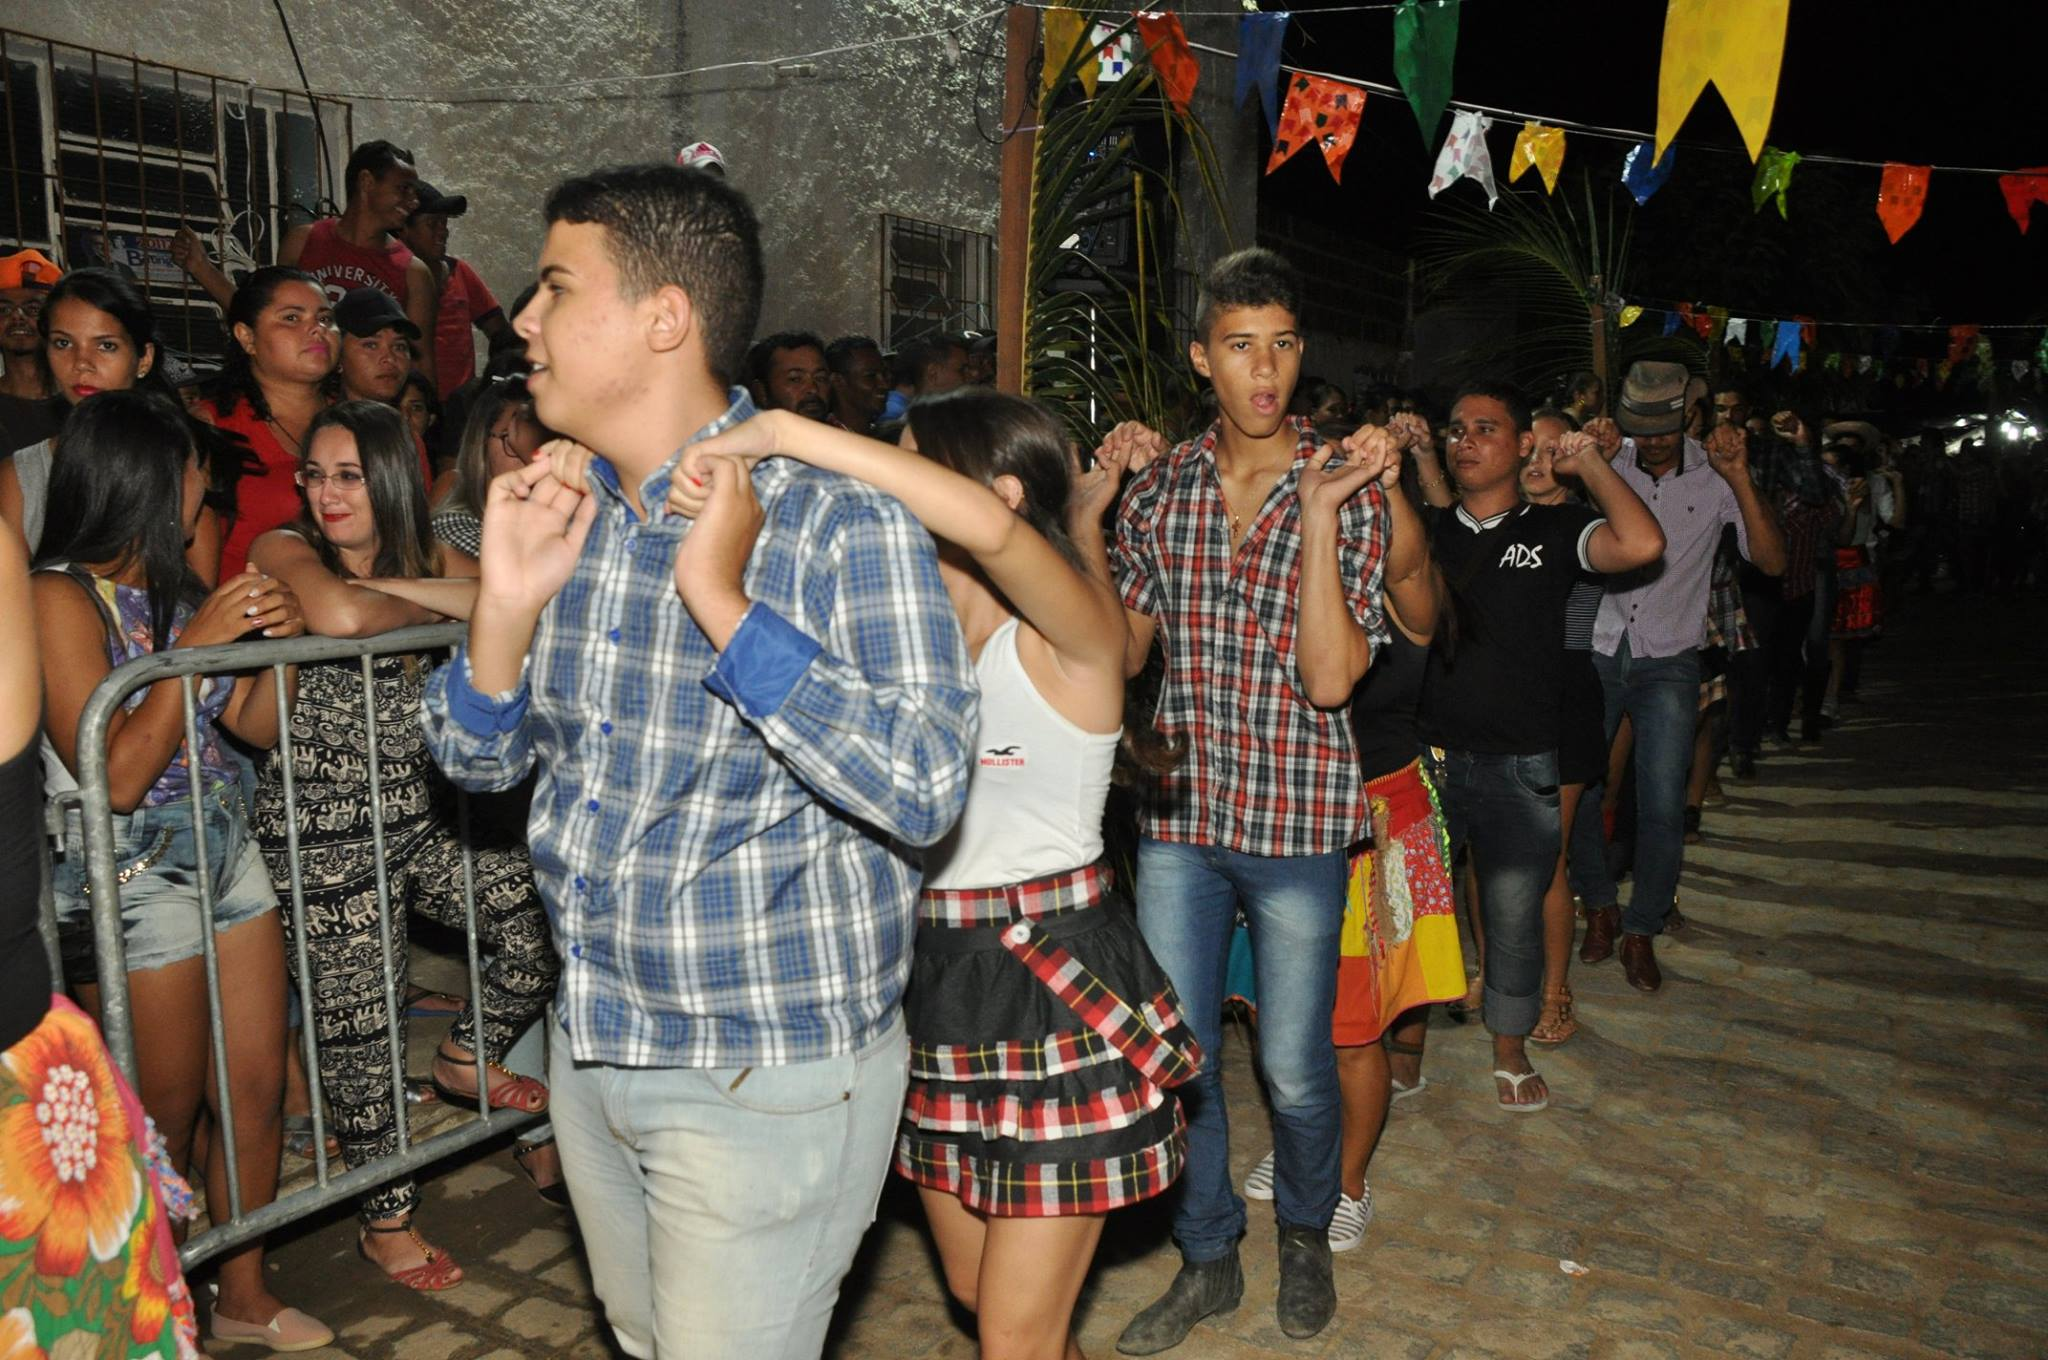 19092953_1899329950340195_2585444150794230421_o-1024x680 OPIPOCO mostra como foi a Segunda noite do festival de quadrilhas em Monteiro. Confira Imagens